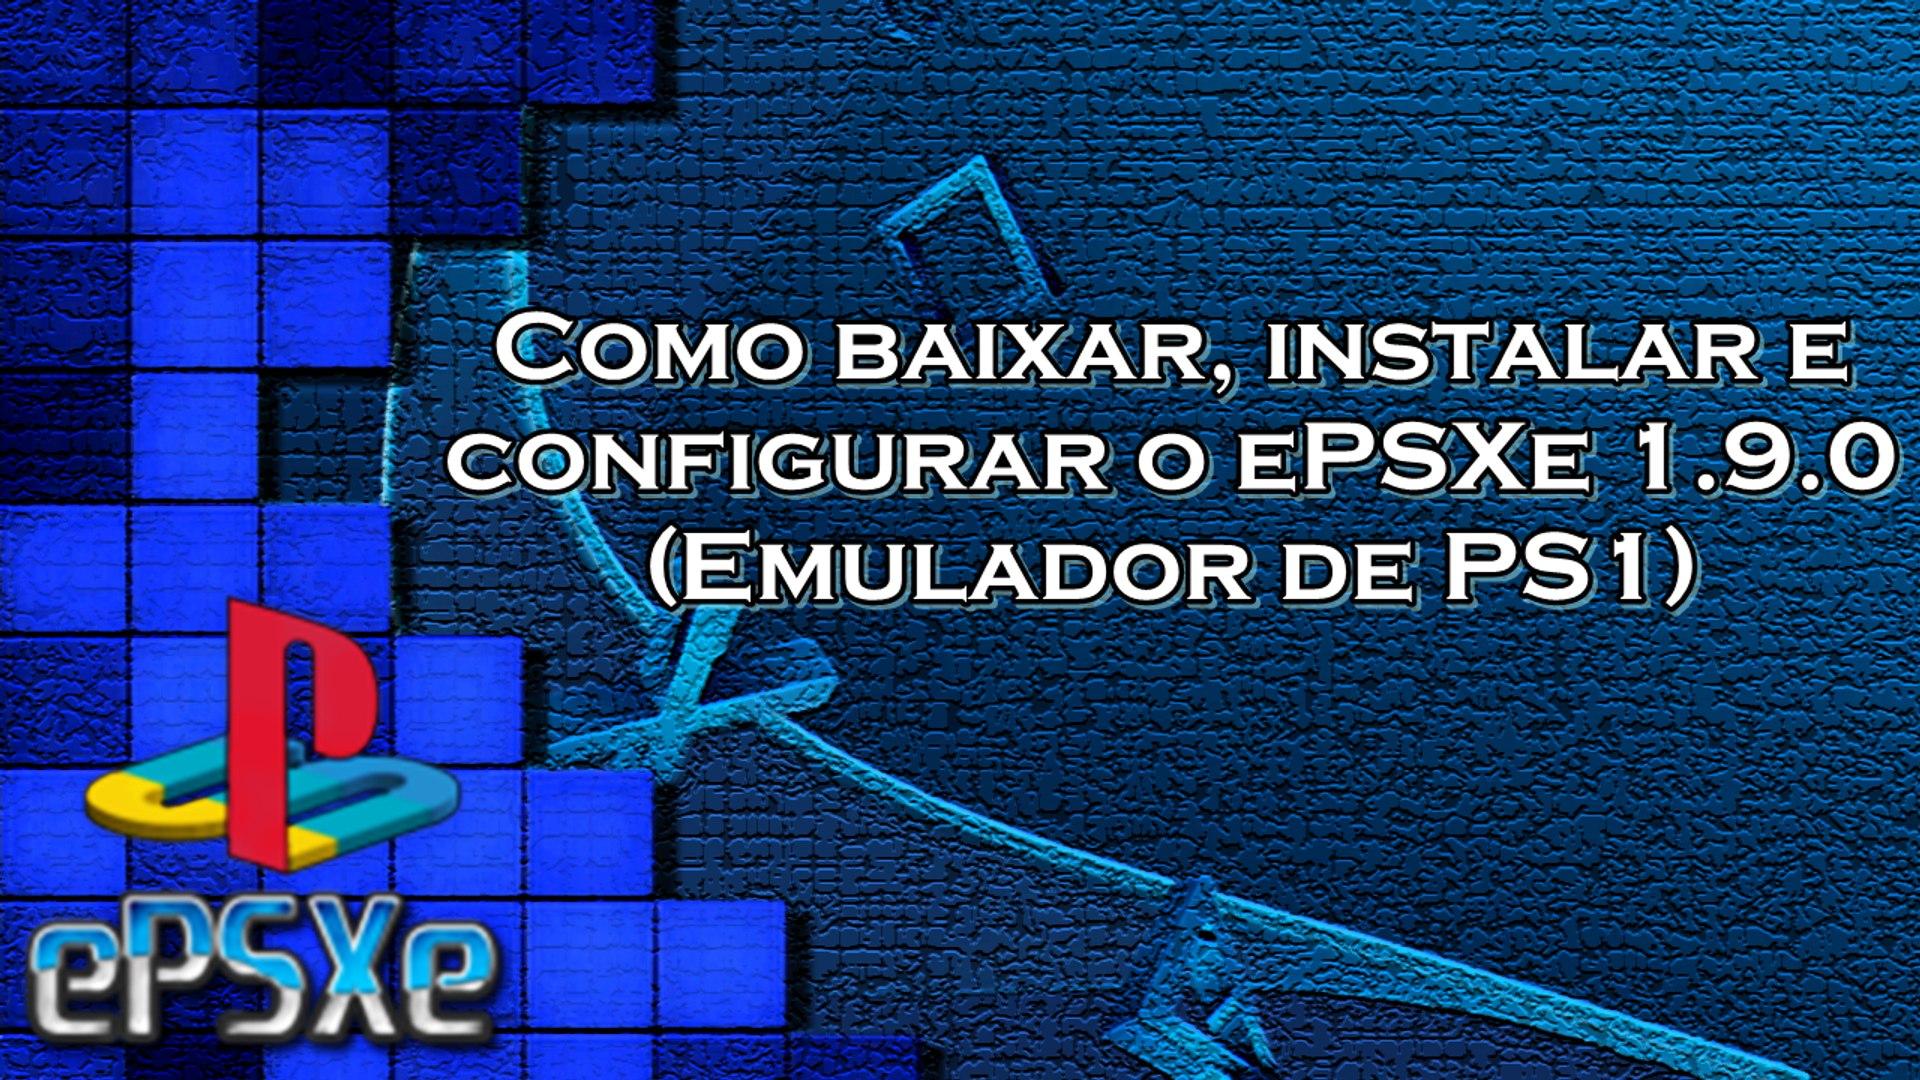 PC 1.7.0 EMULADOR EPSXE PARA BAIXAR PS1 DE